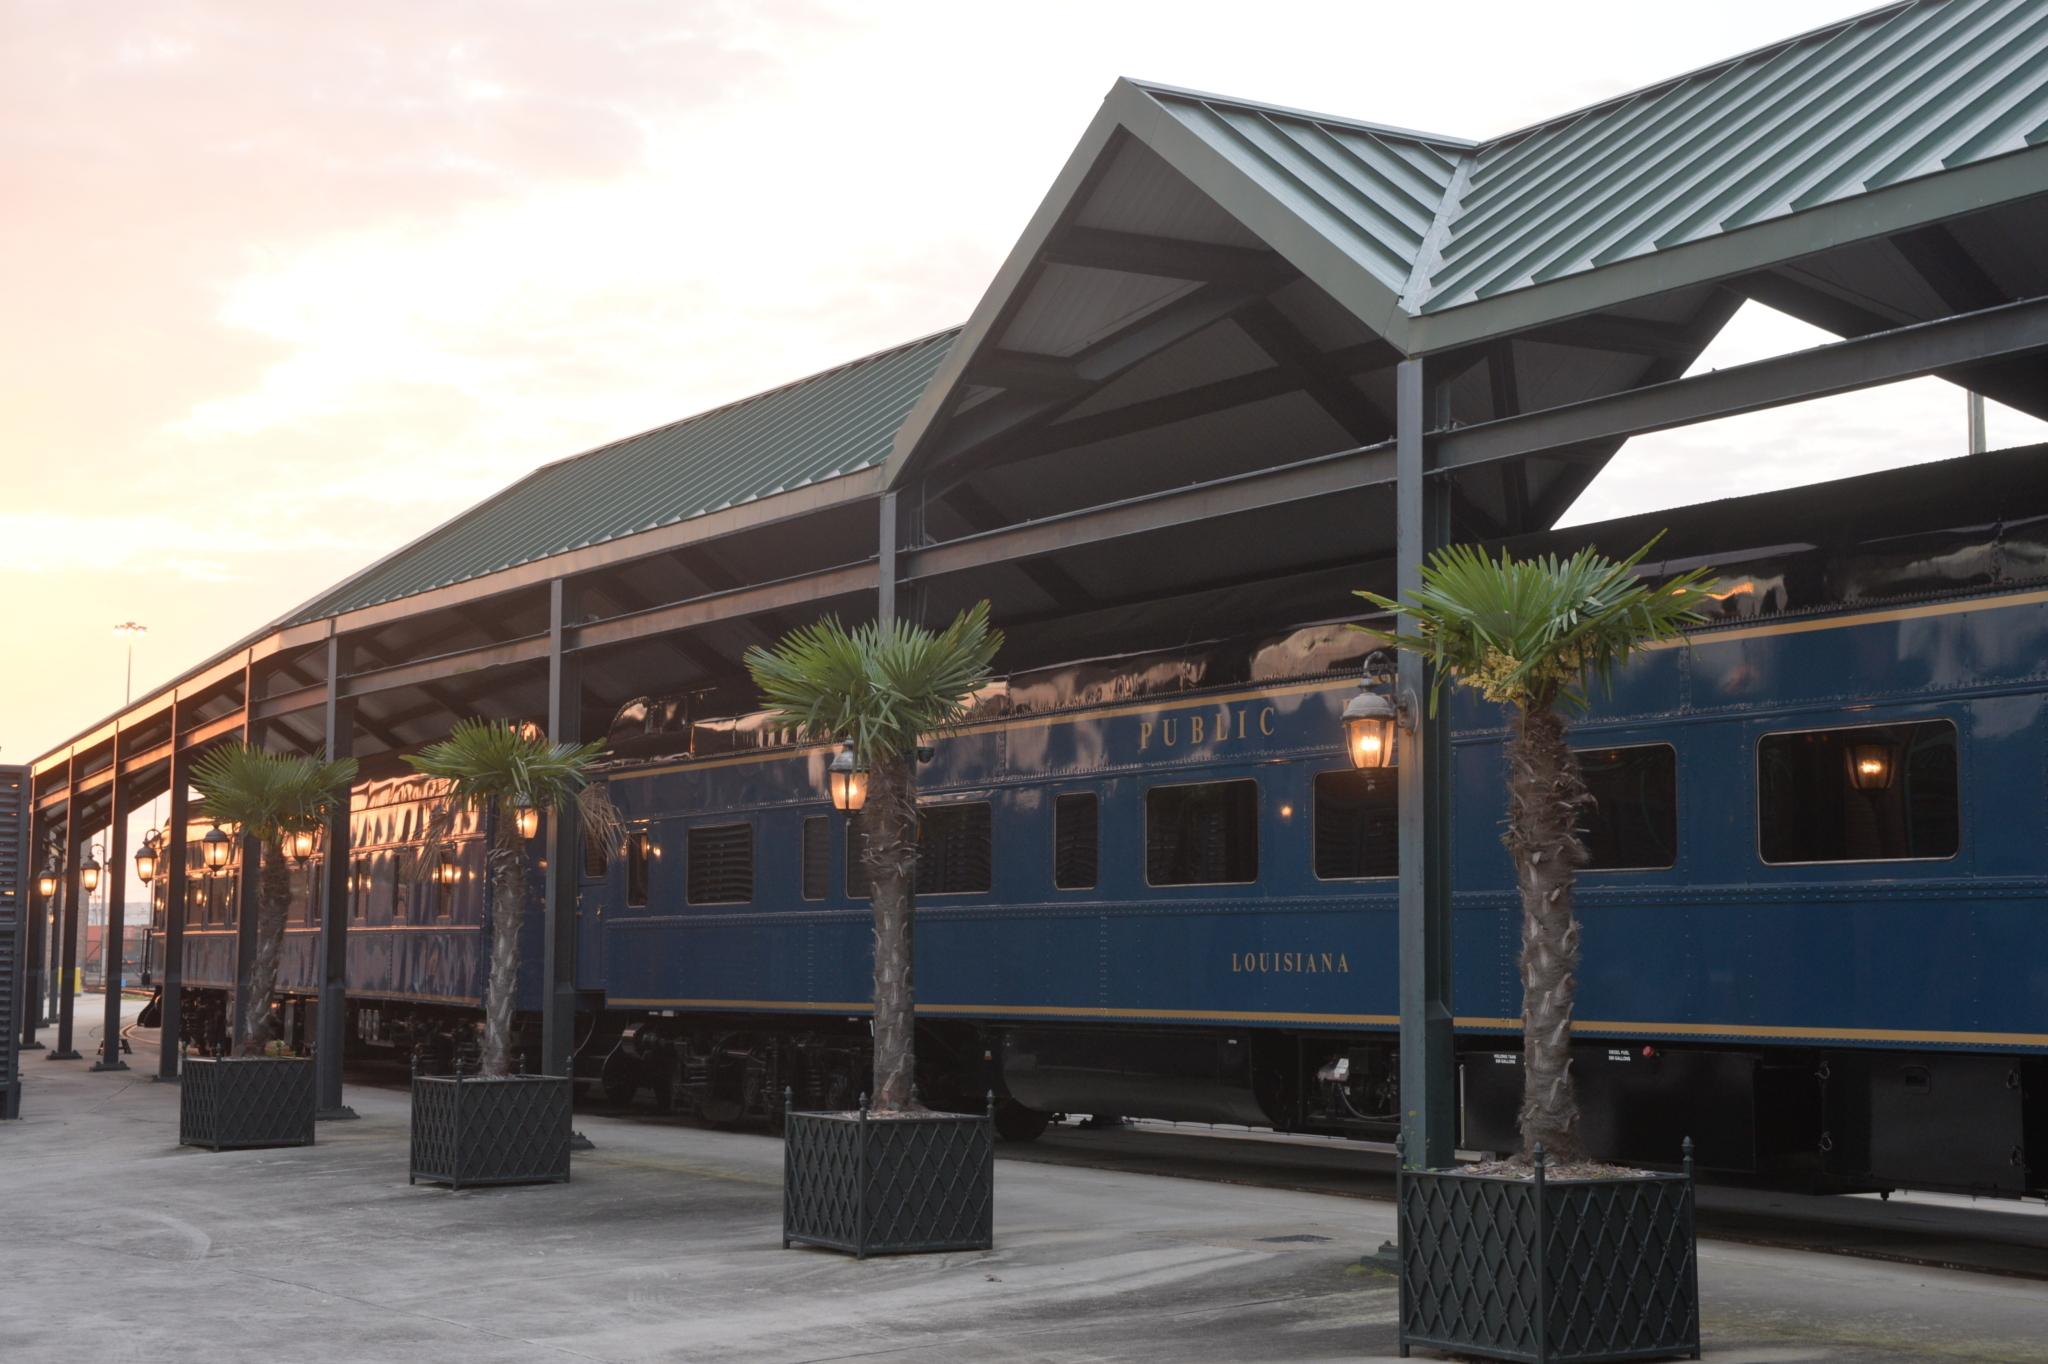 Rail car at terminal